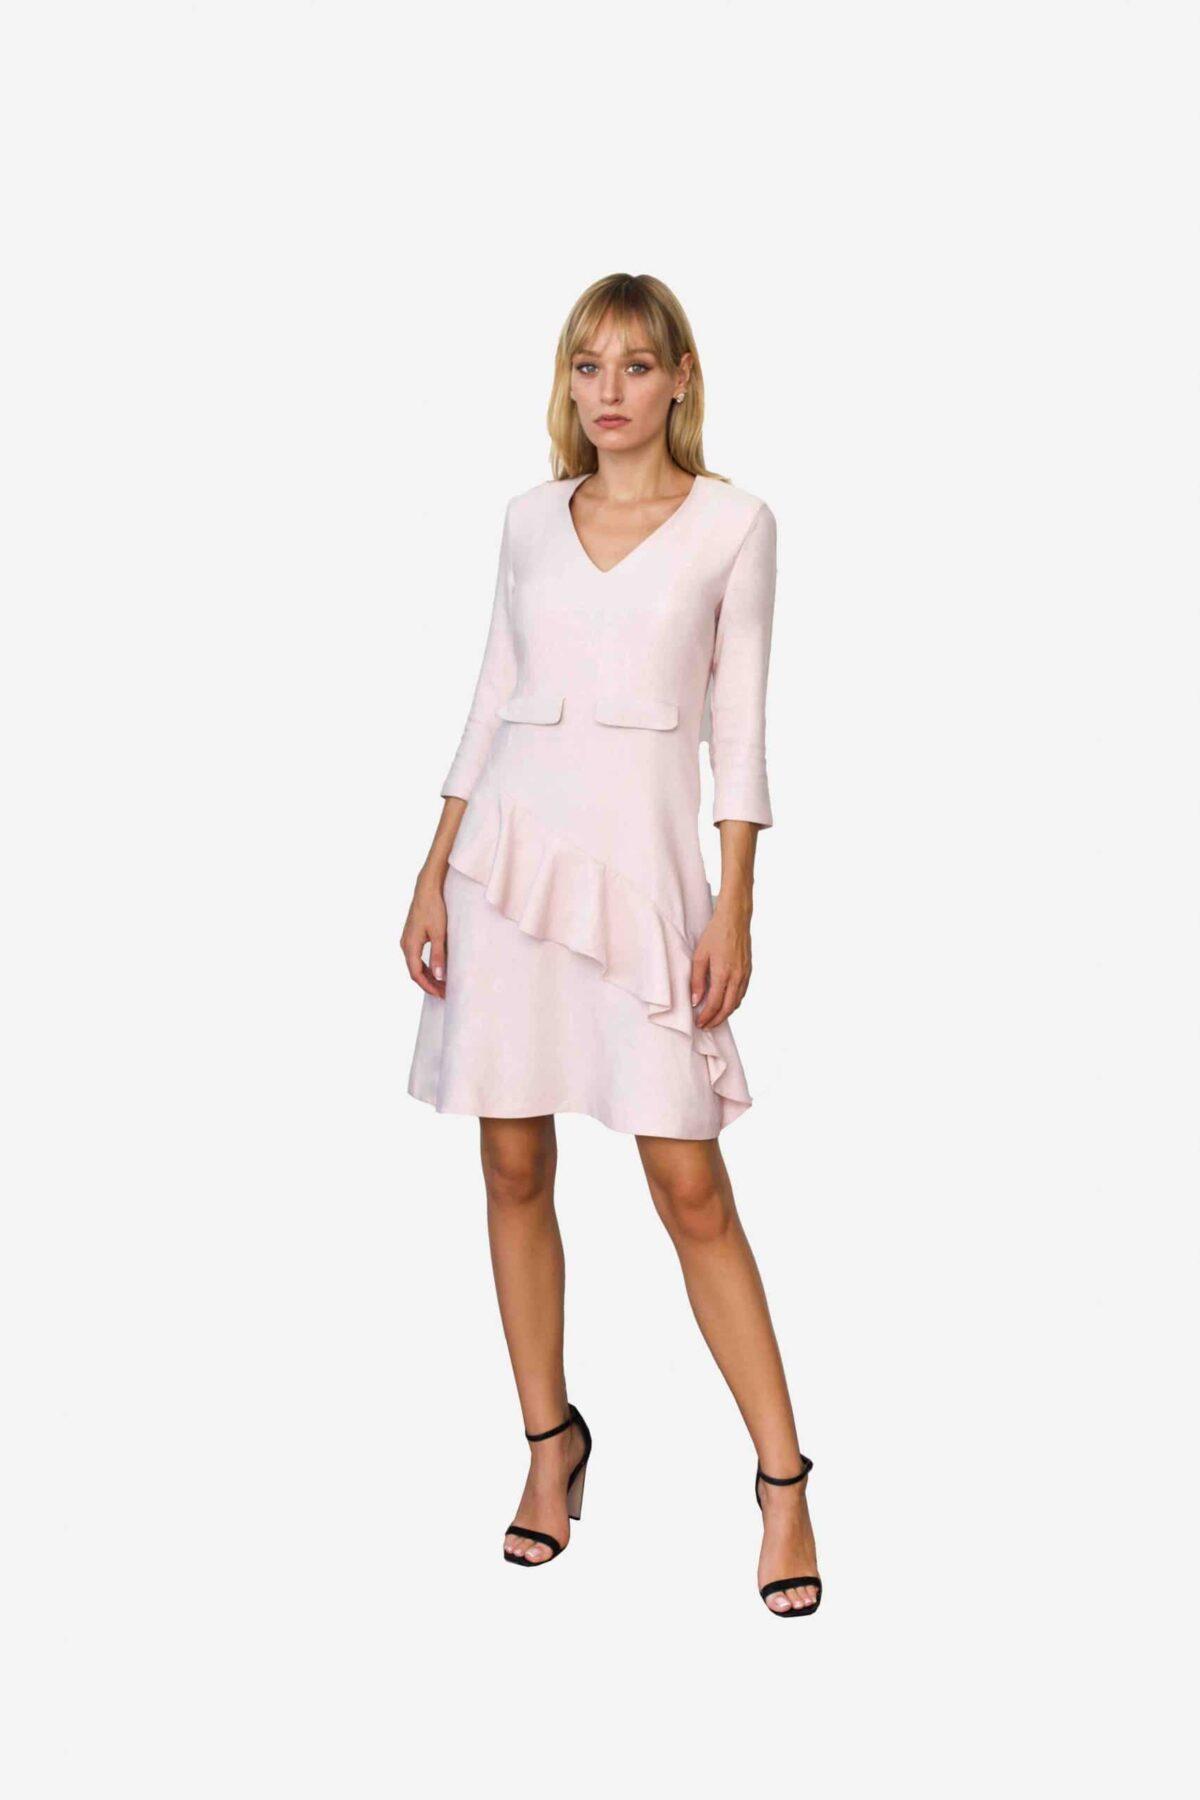 Kleid Jane von SANOGE. Rose Etuikleid mit Volant und V Ausschnitt und 3/4 Arm. Knielang. Mit Patten.